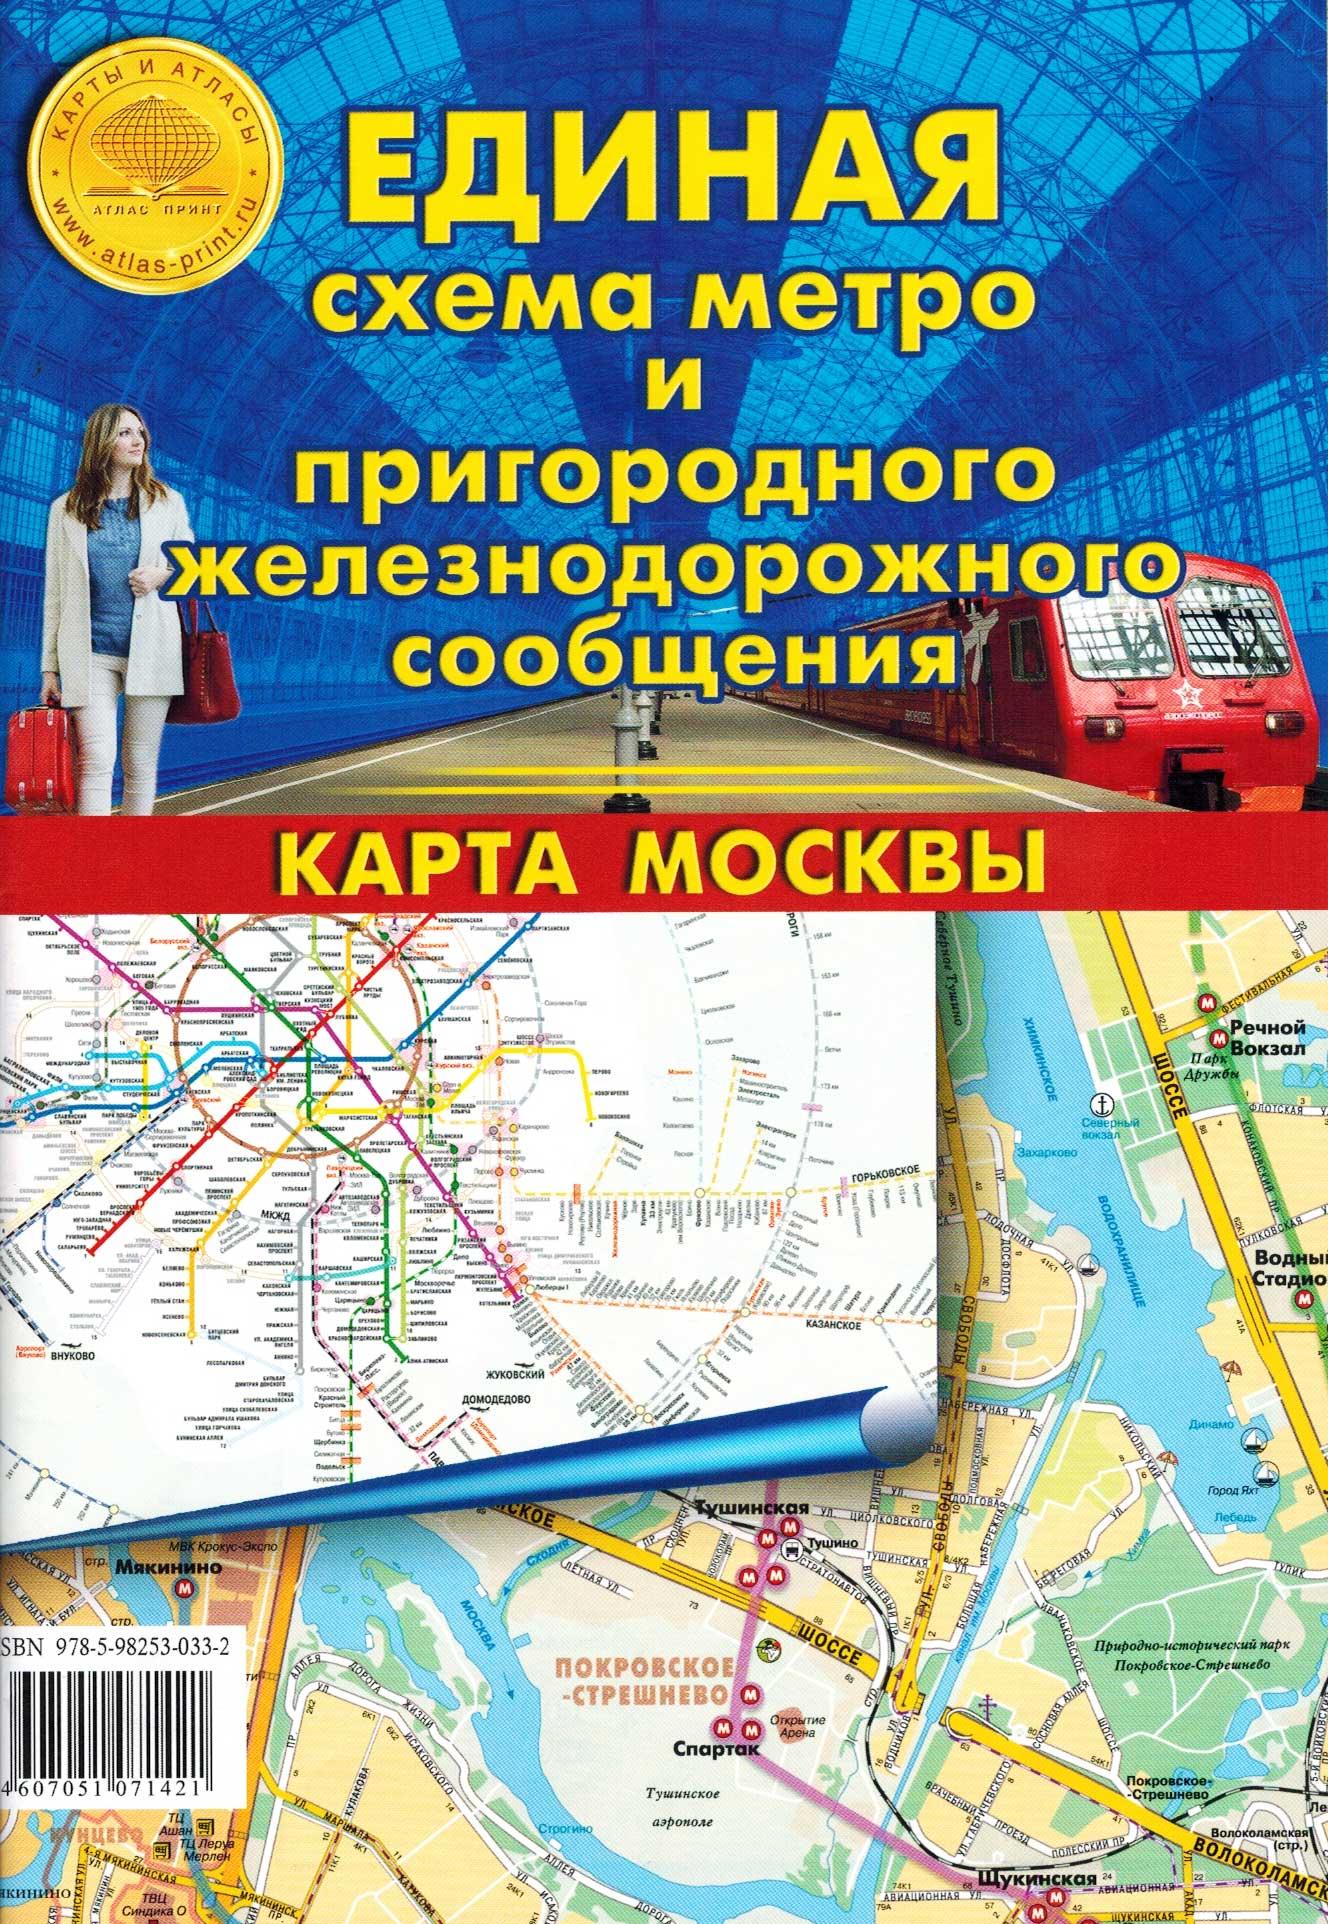 Схема метрополитена и московского центрального кольца фото 740